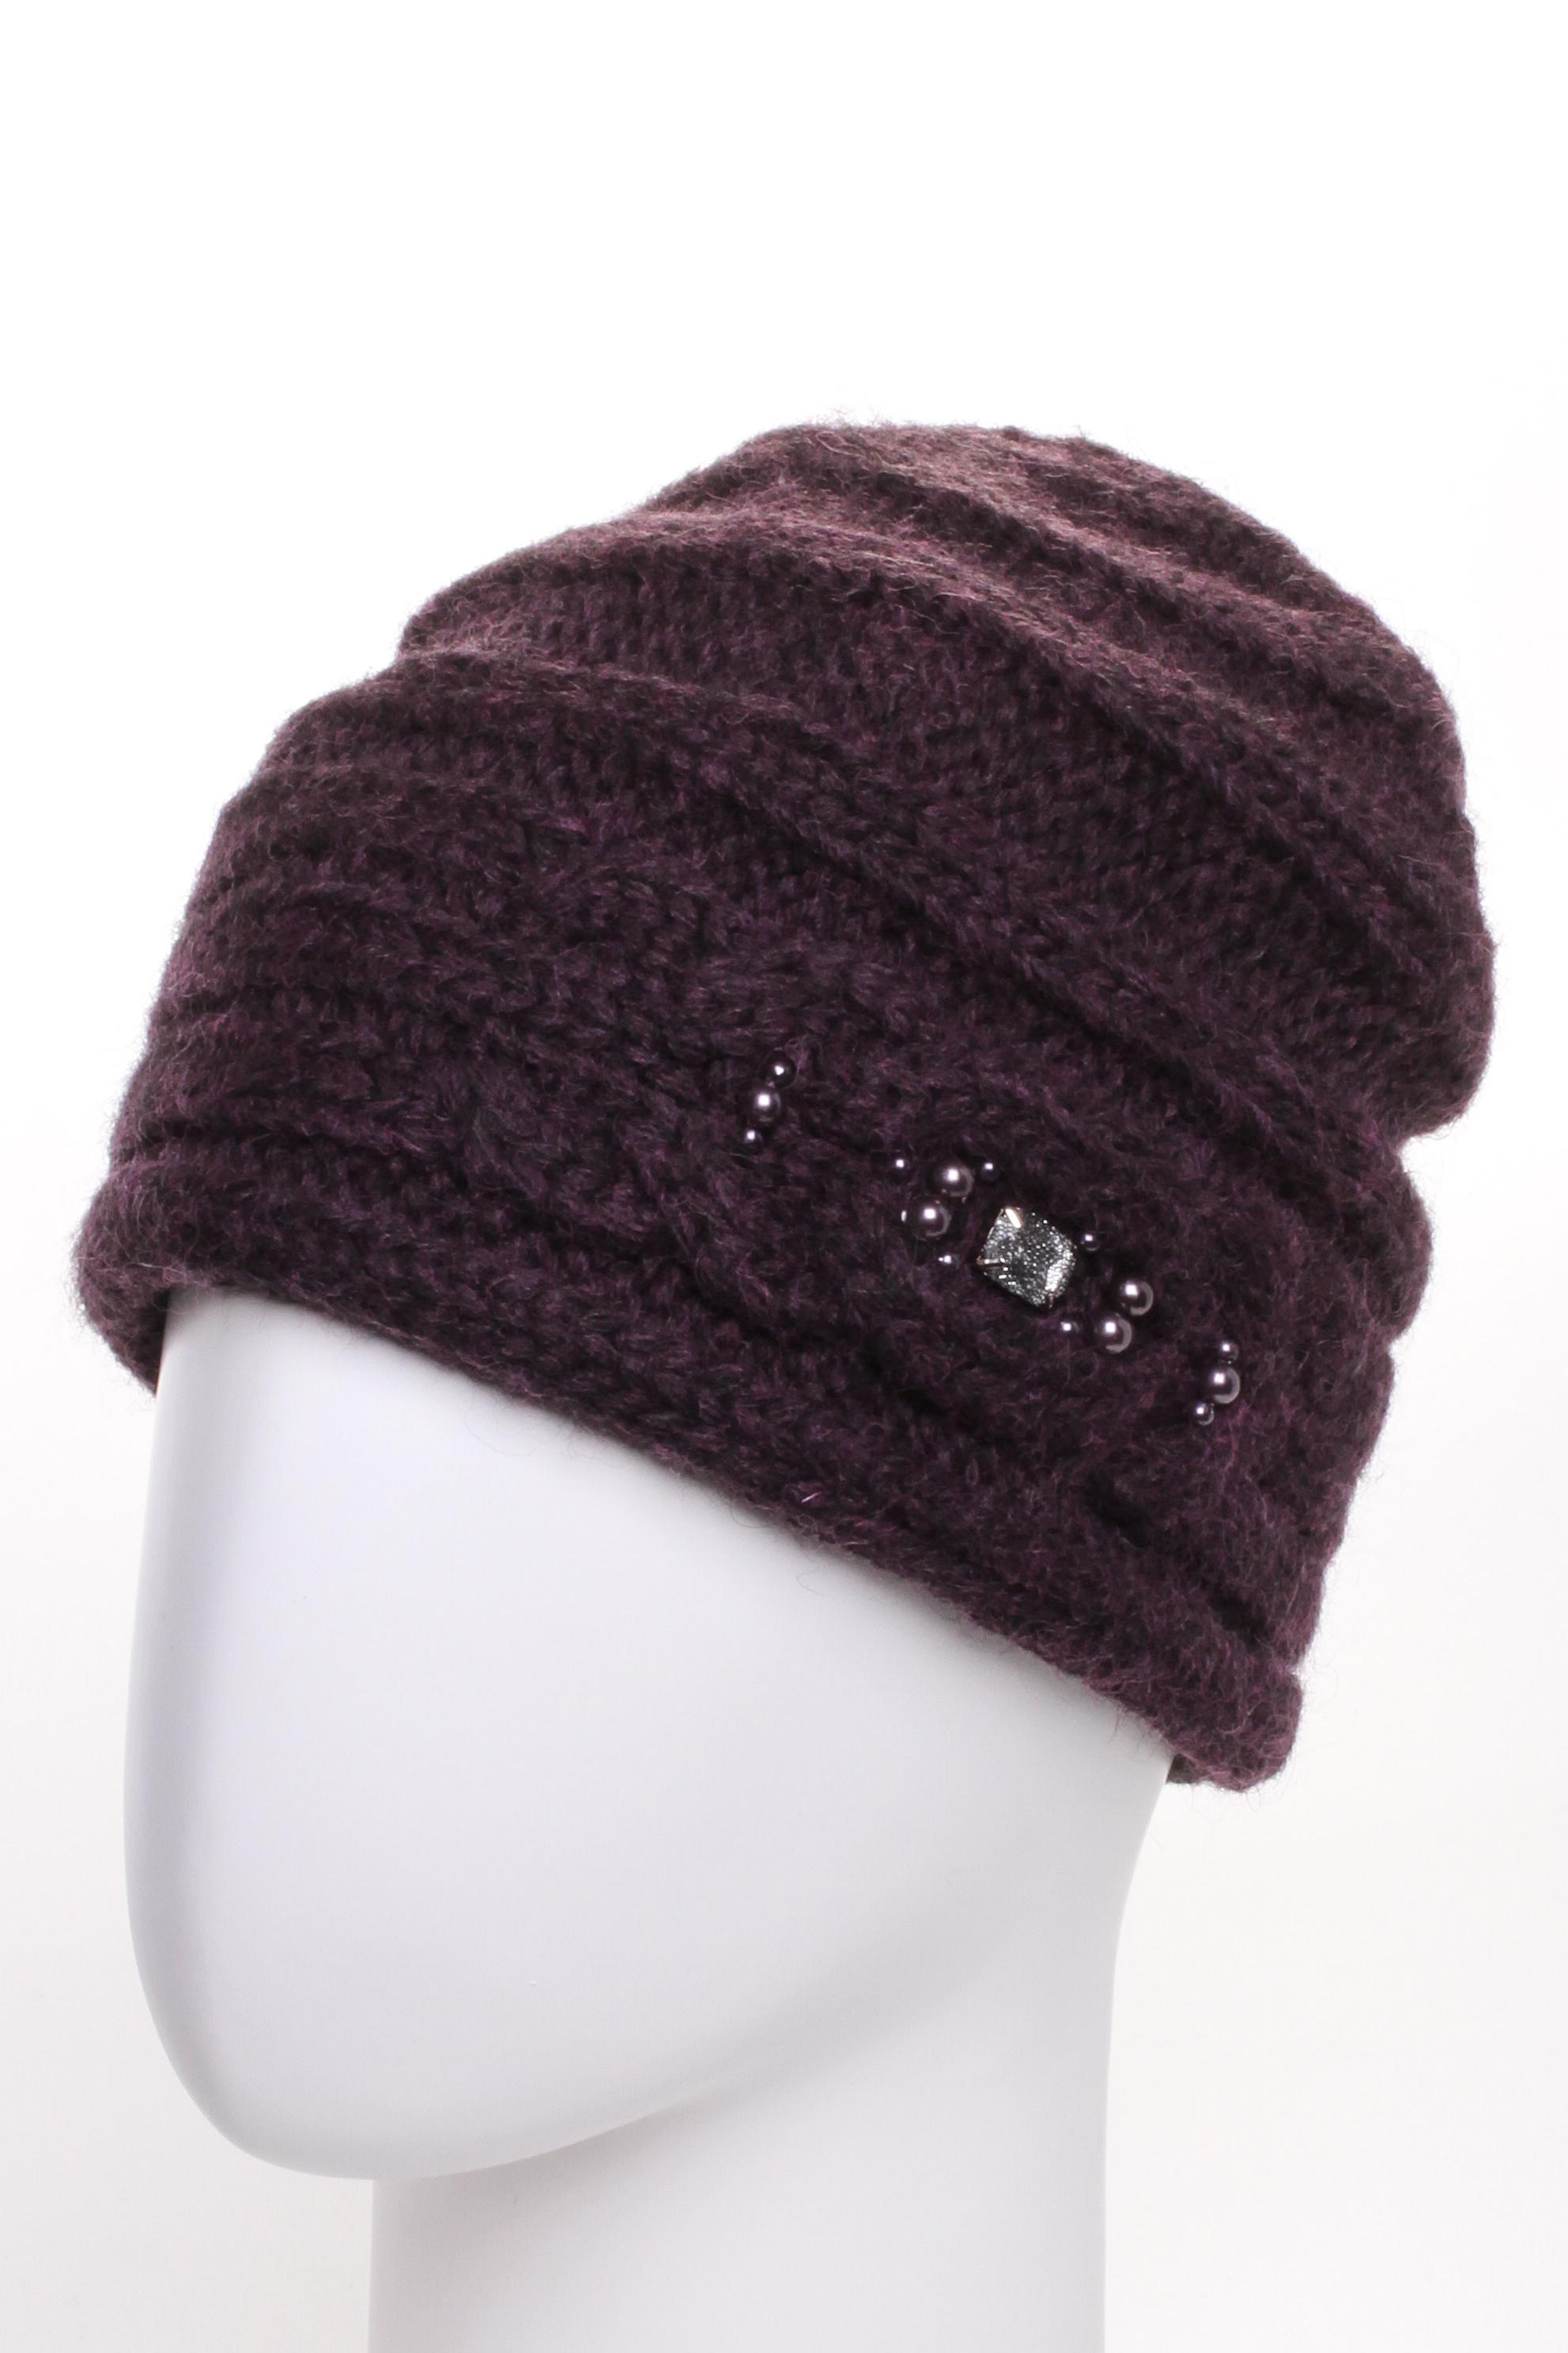 ШапкаШапки<br>Красивая шапка подарит Вам тепло и комфорт.  Стильный аксессуар защитит Вас от непогоды и станет прекрасным дополнением Вашего образа.  Цвет: коричневый<br><br>По материалу: Вязаные,Трикотаж<br>По рисунку: Однотонные<br>По элементам: С декором<br>По сезону: Зима<br>Размер : universal<br>Материал: Вязаное полотно<br>Количество в наличии: 1